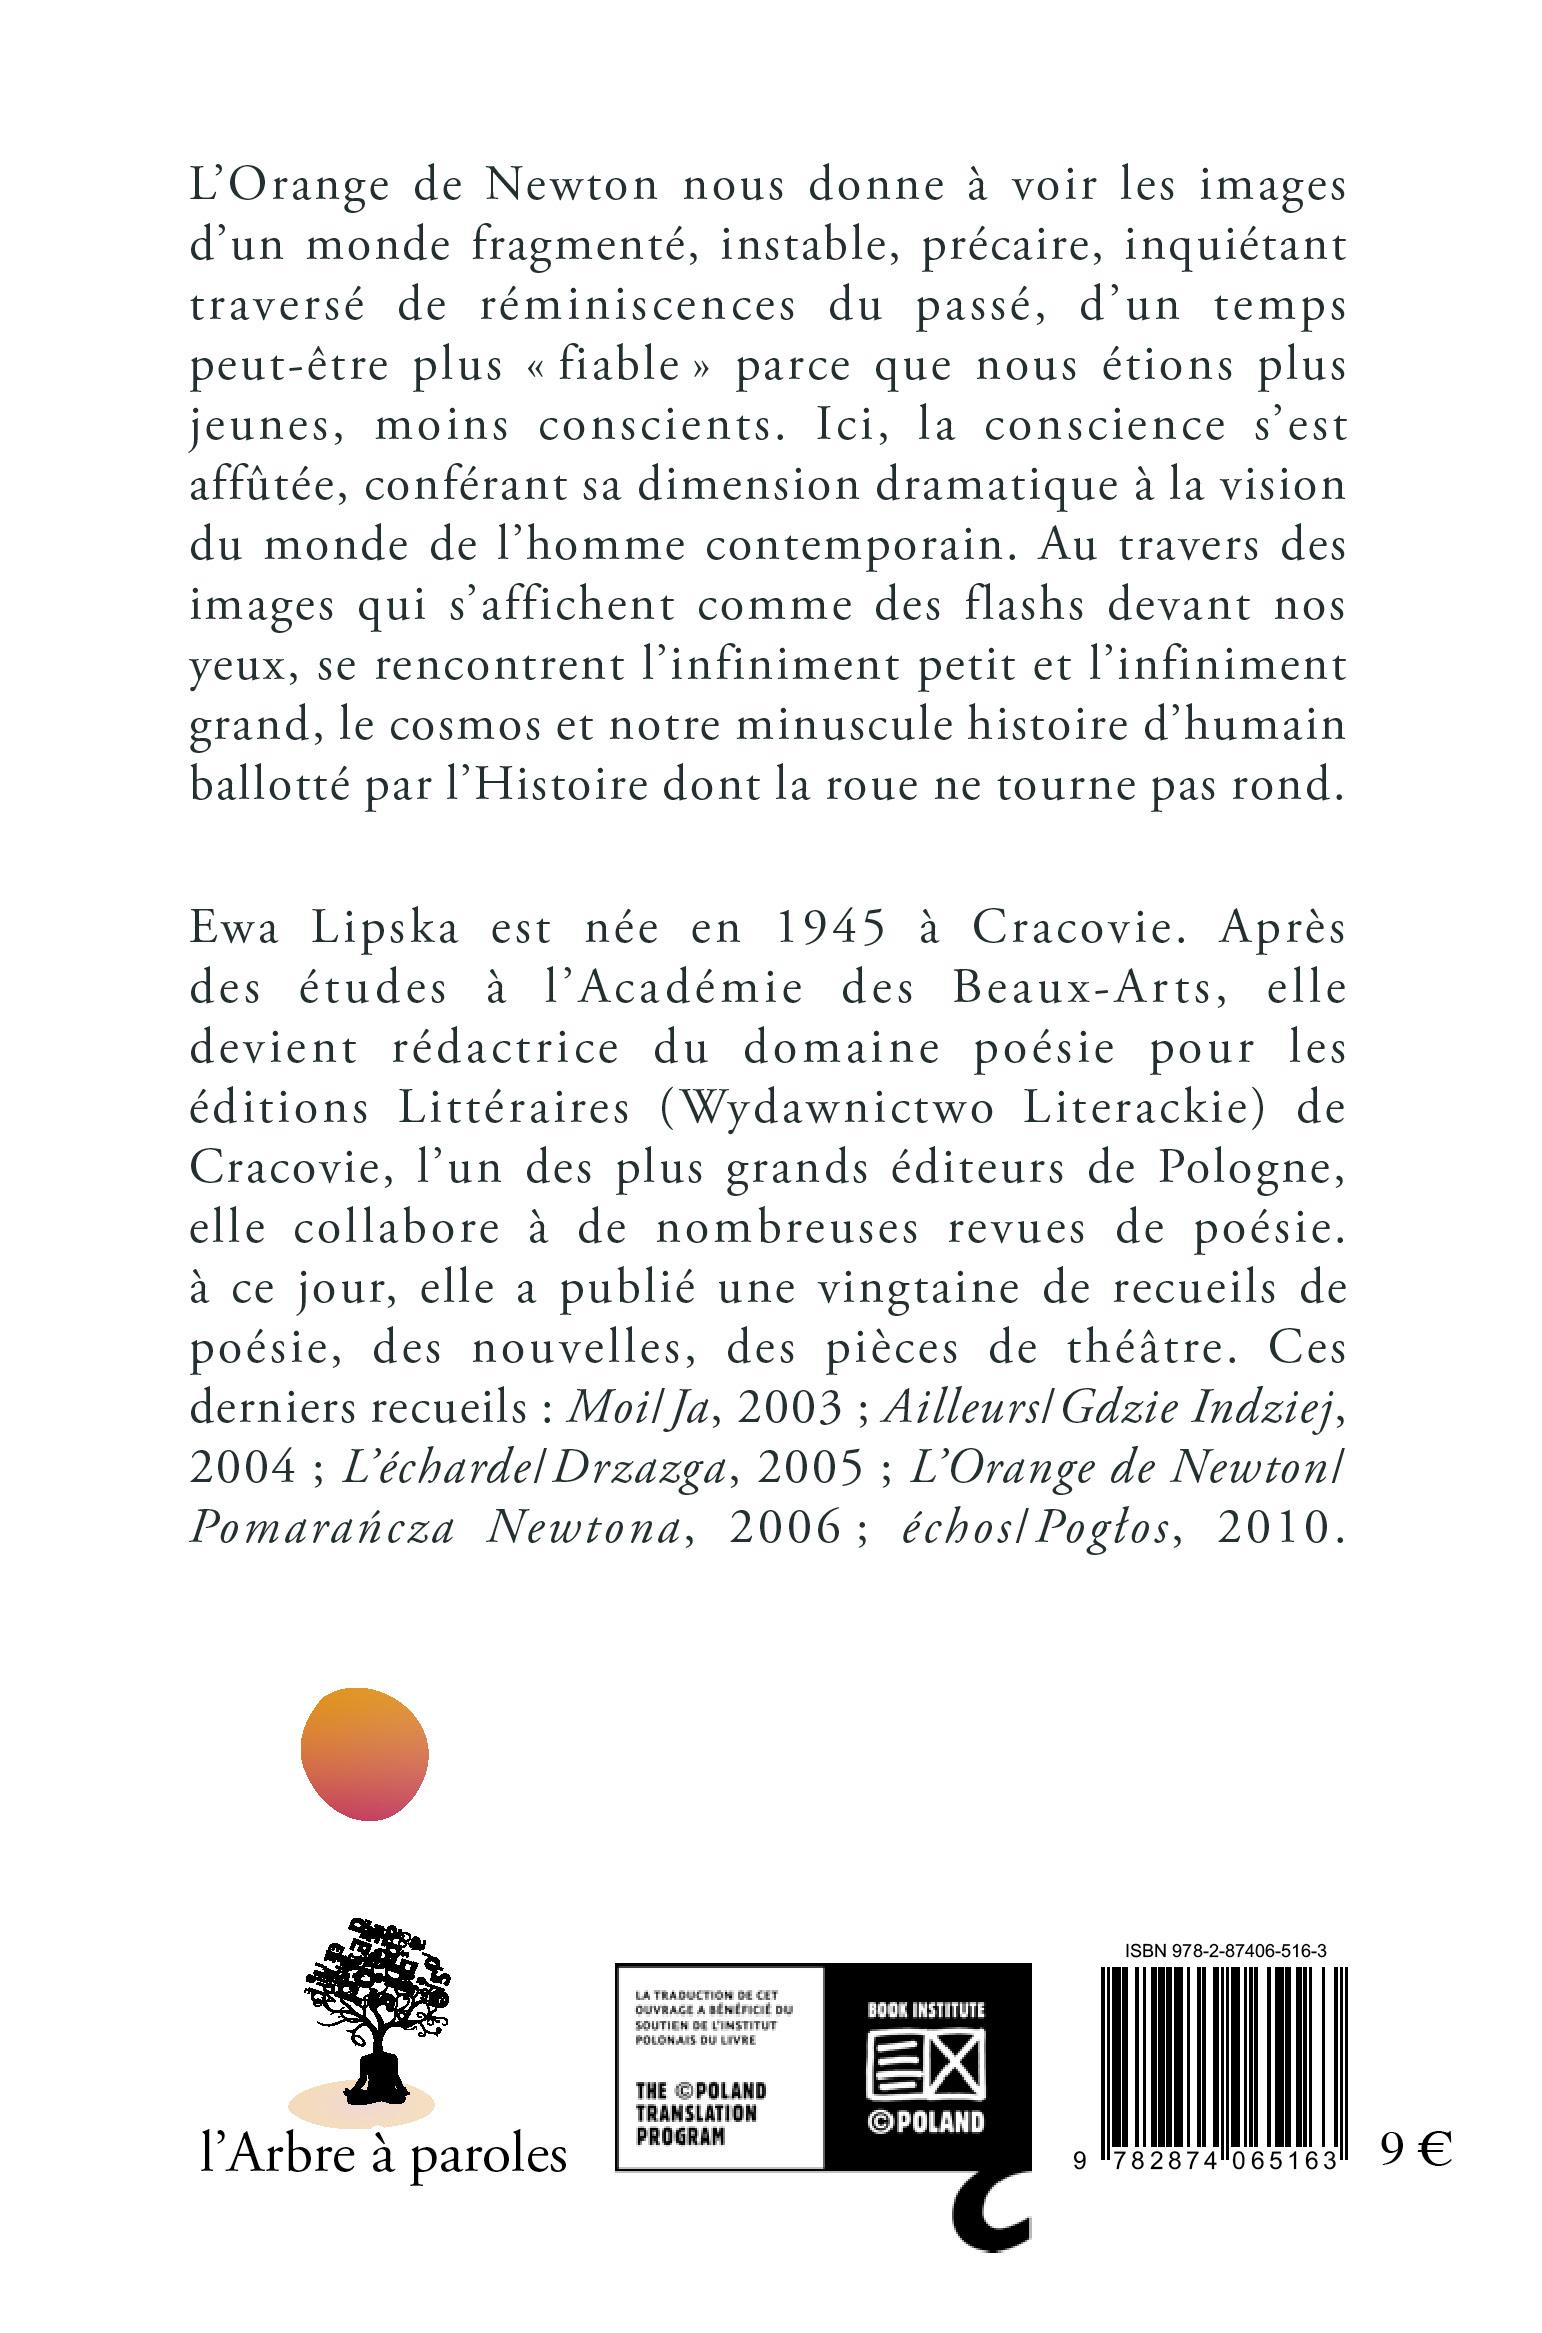 L'orange de Newton Ewa Lipska